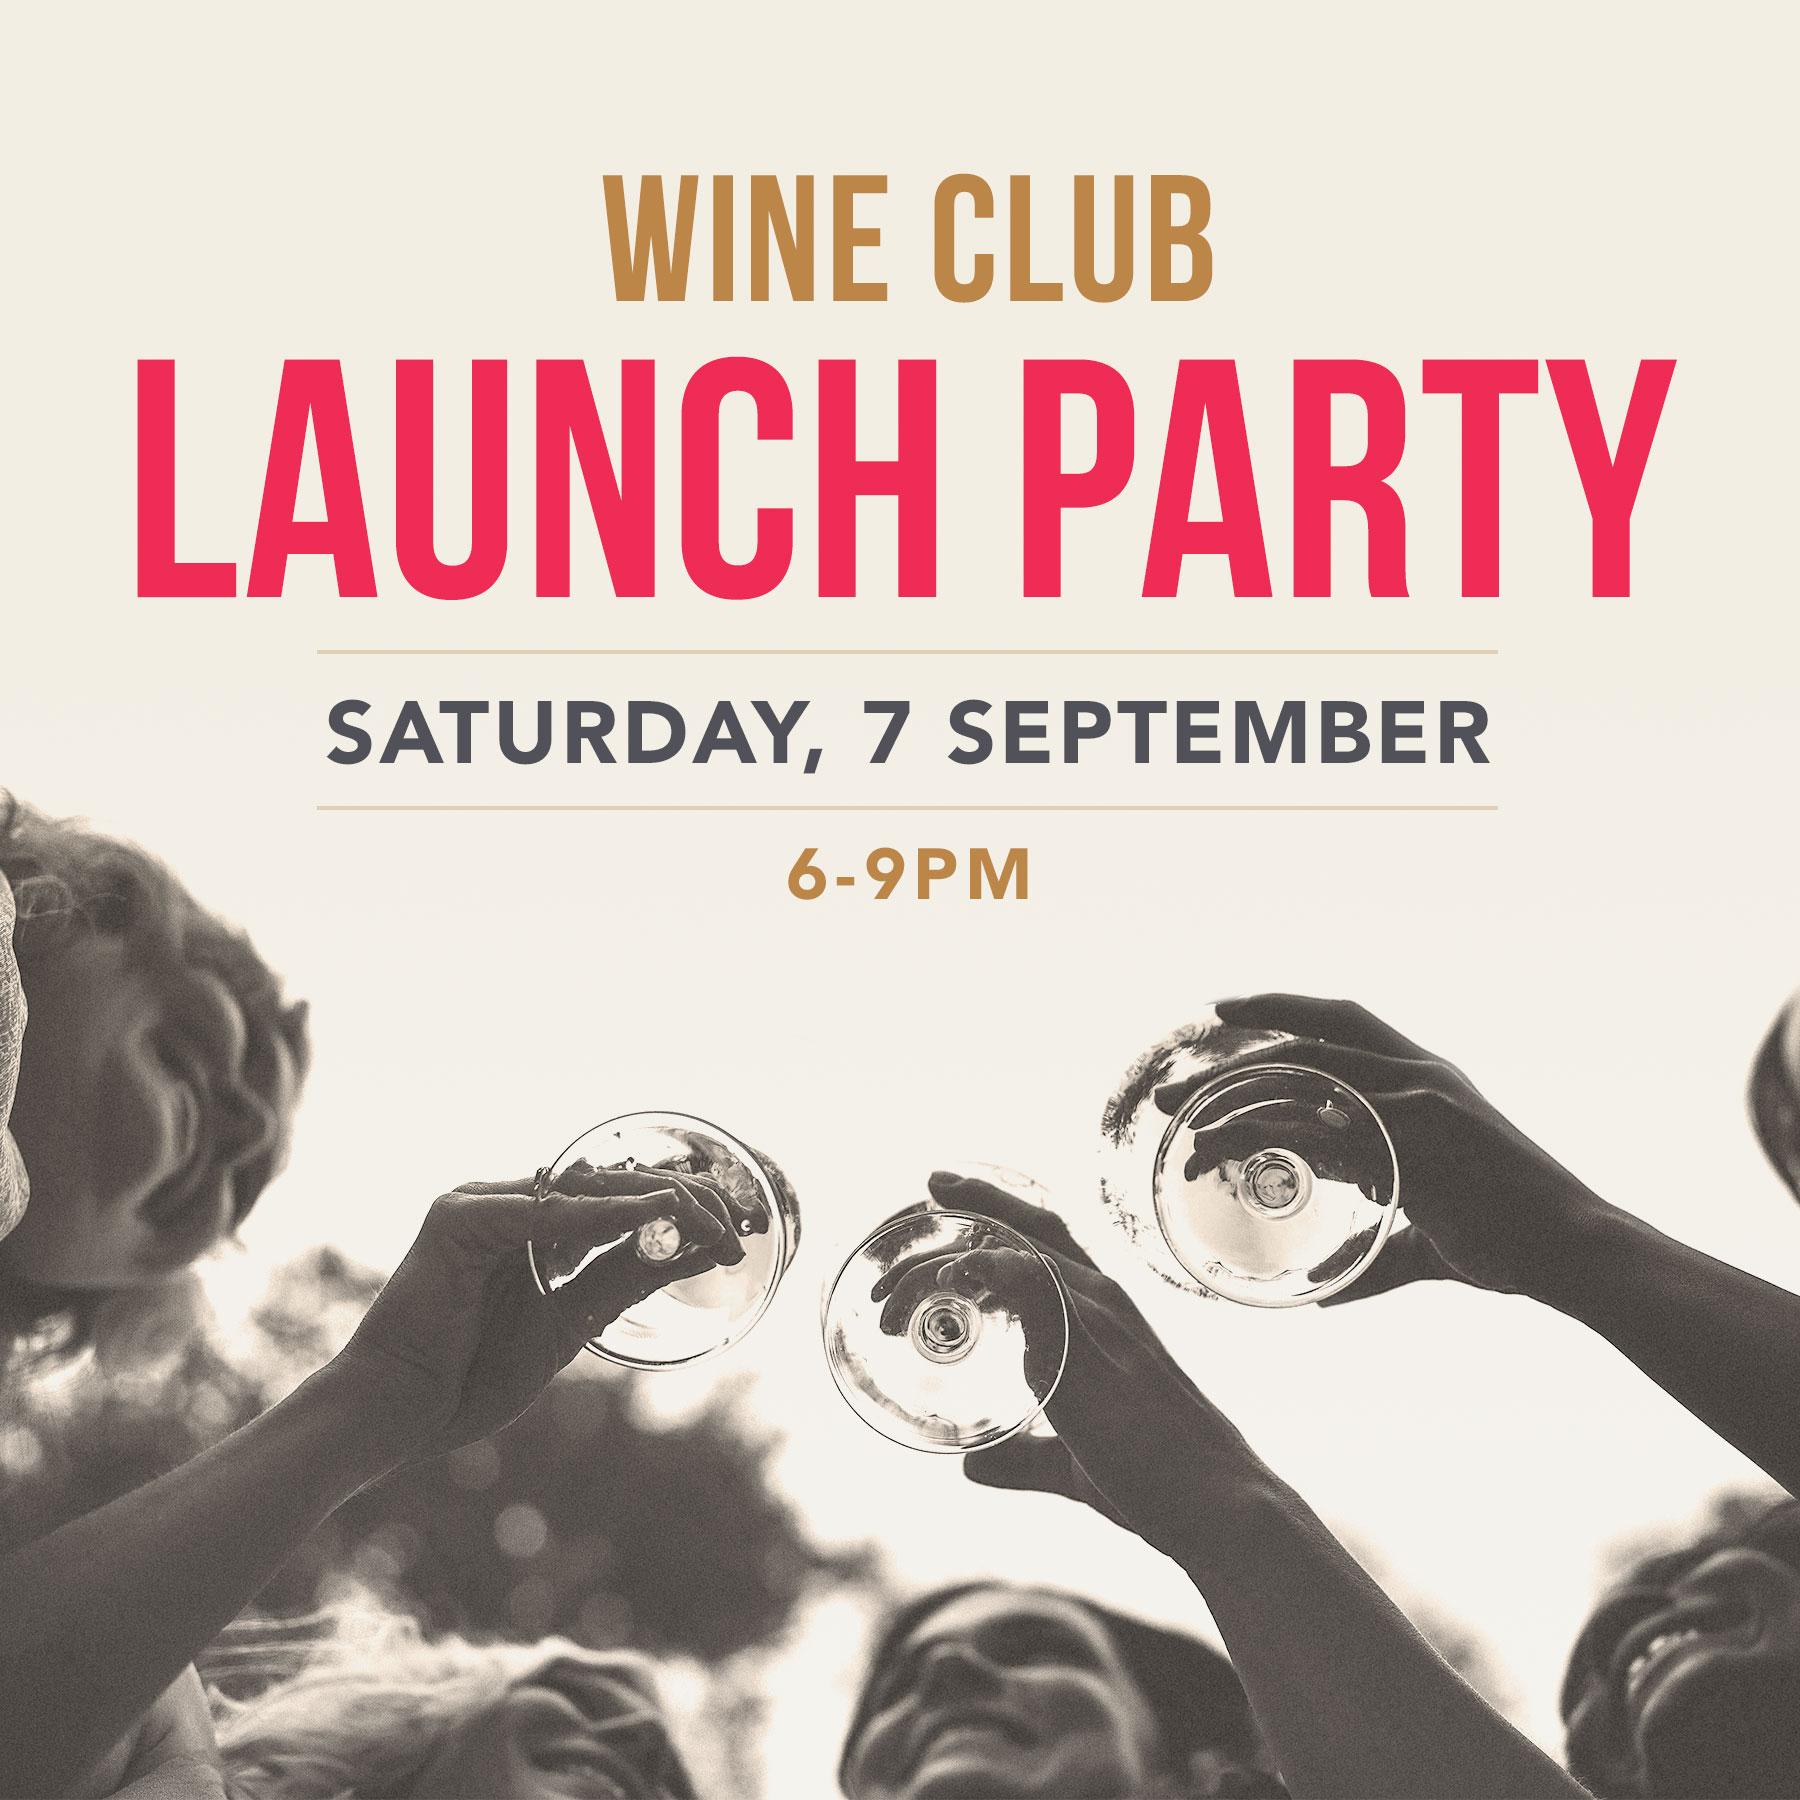 Wine Club Launch Party Sep 7 Village Wine Shop